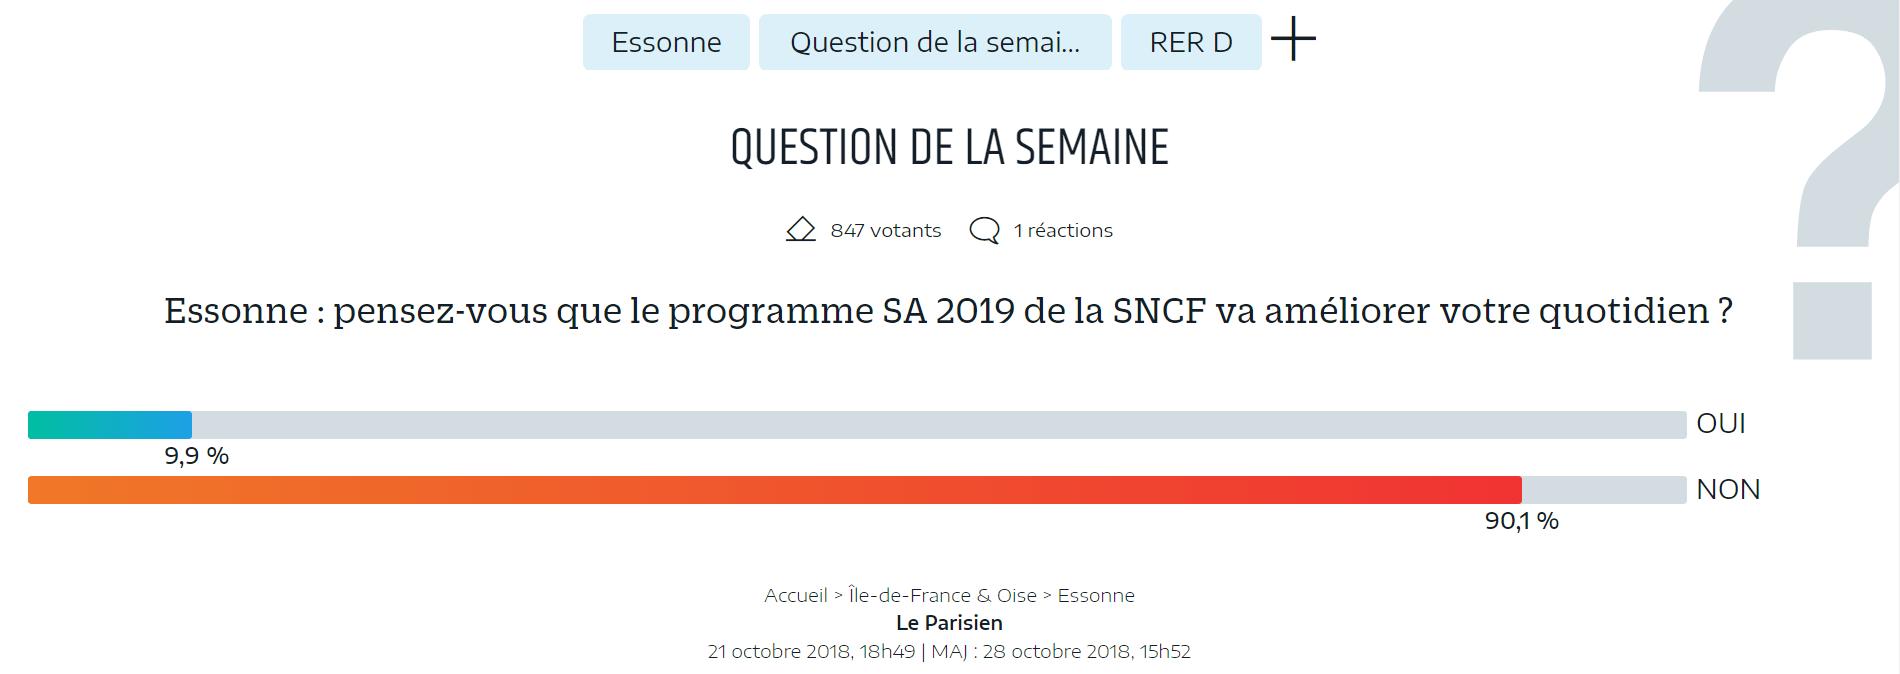 sondage-le-parisien-e1541855722701.png